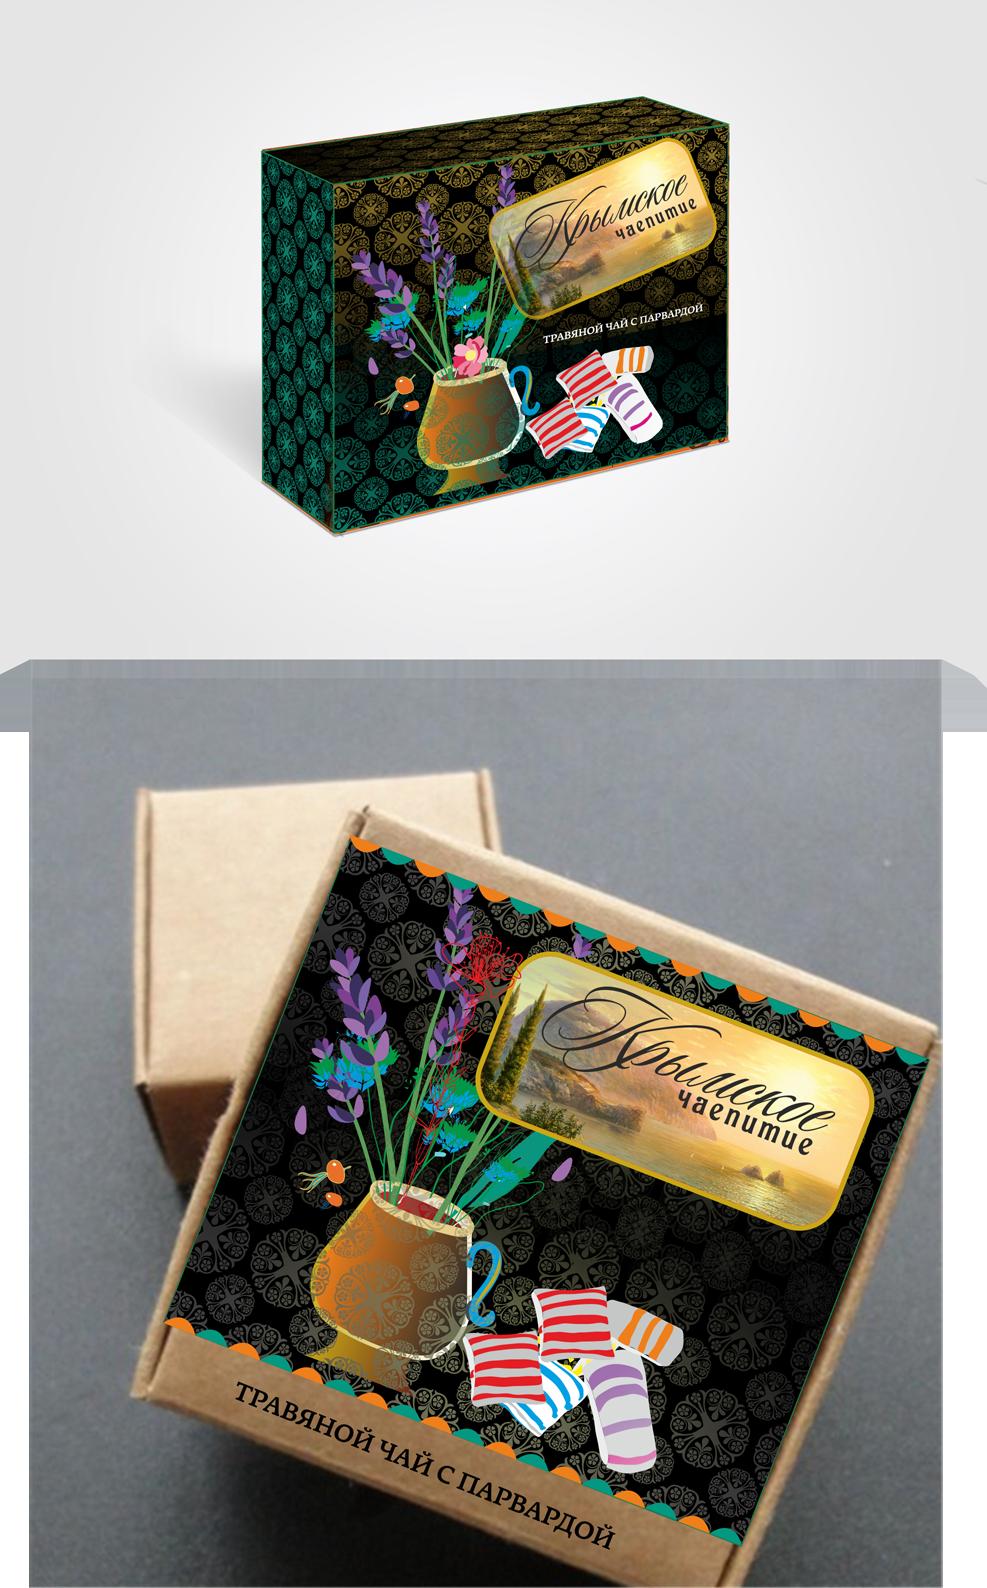 Дизайн коробки сувенирной  чай+парварда (подарочный набор) фото f_8495a58bdc4cb086.png